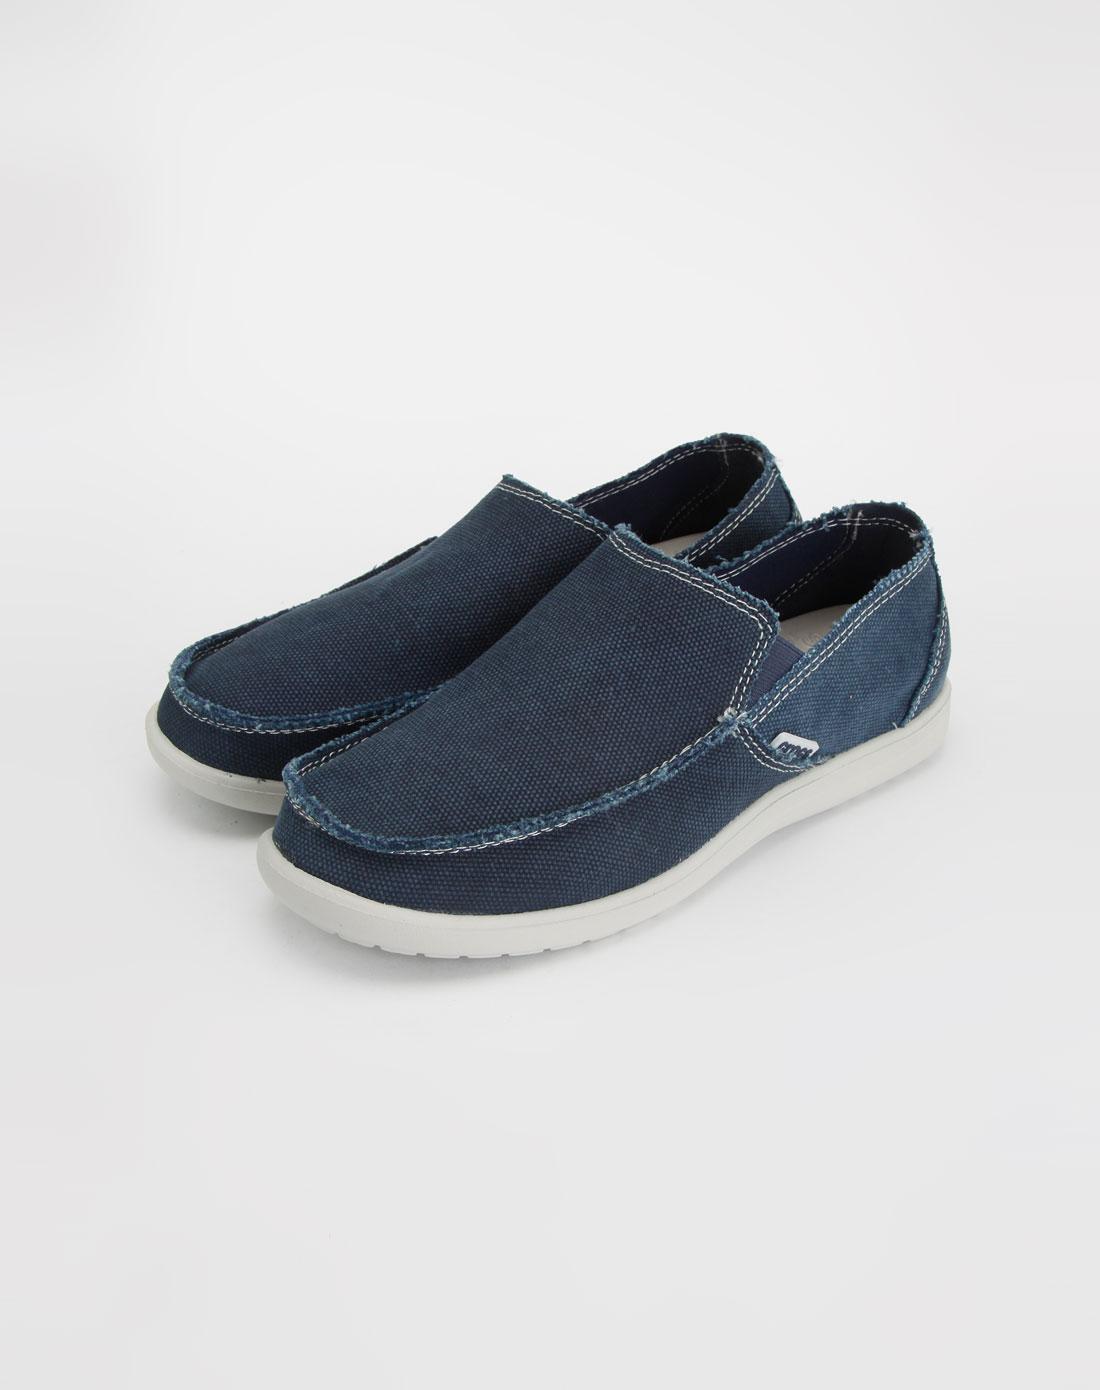 卡洛驰男鞋搭配